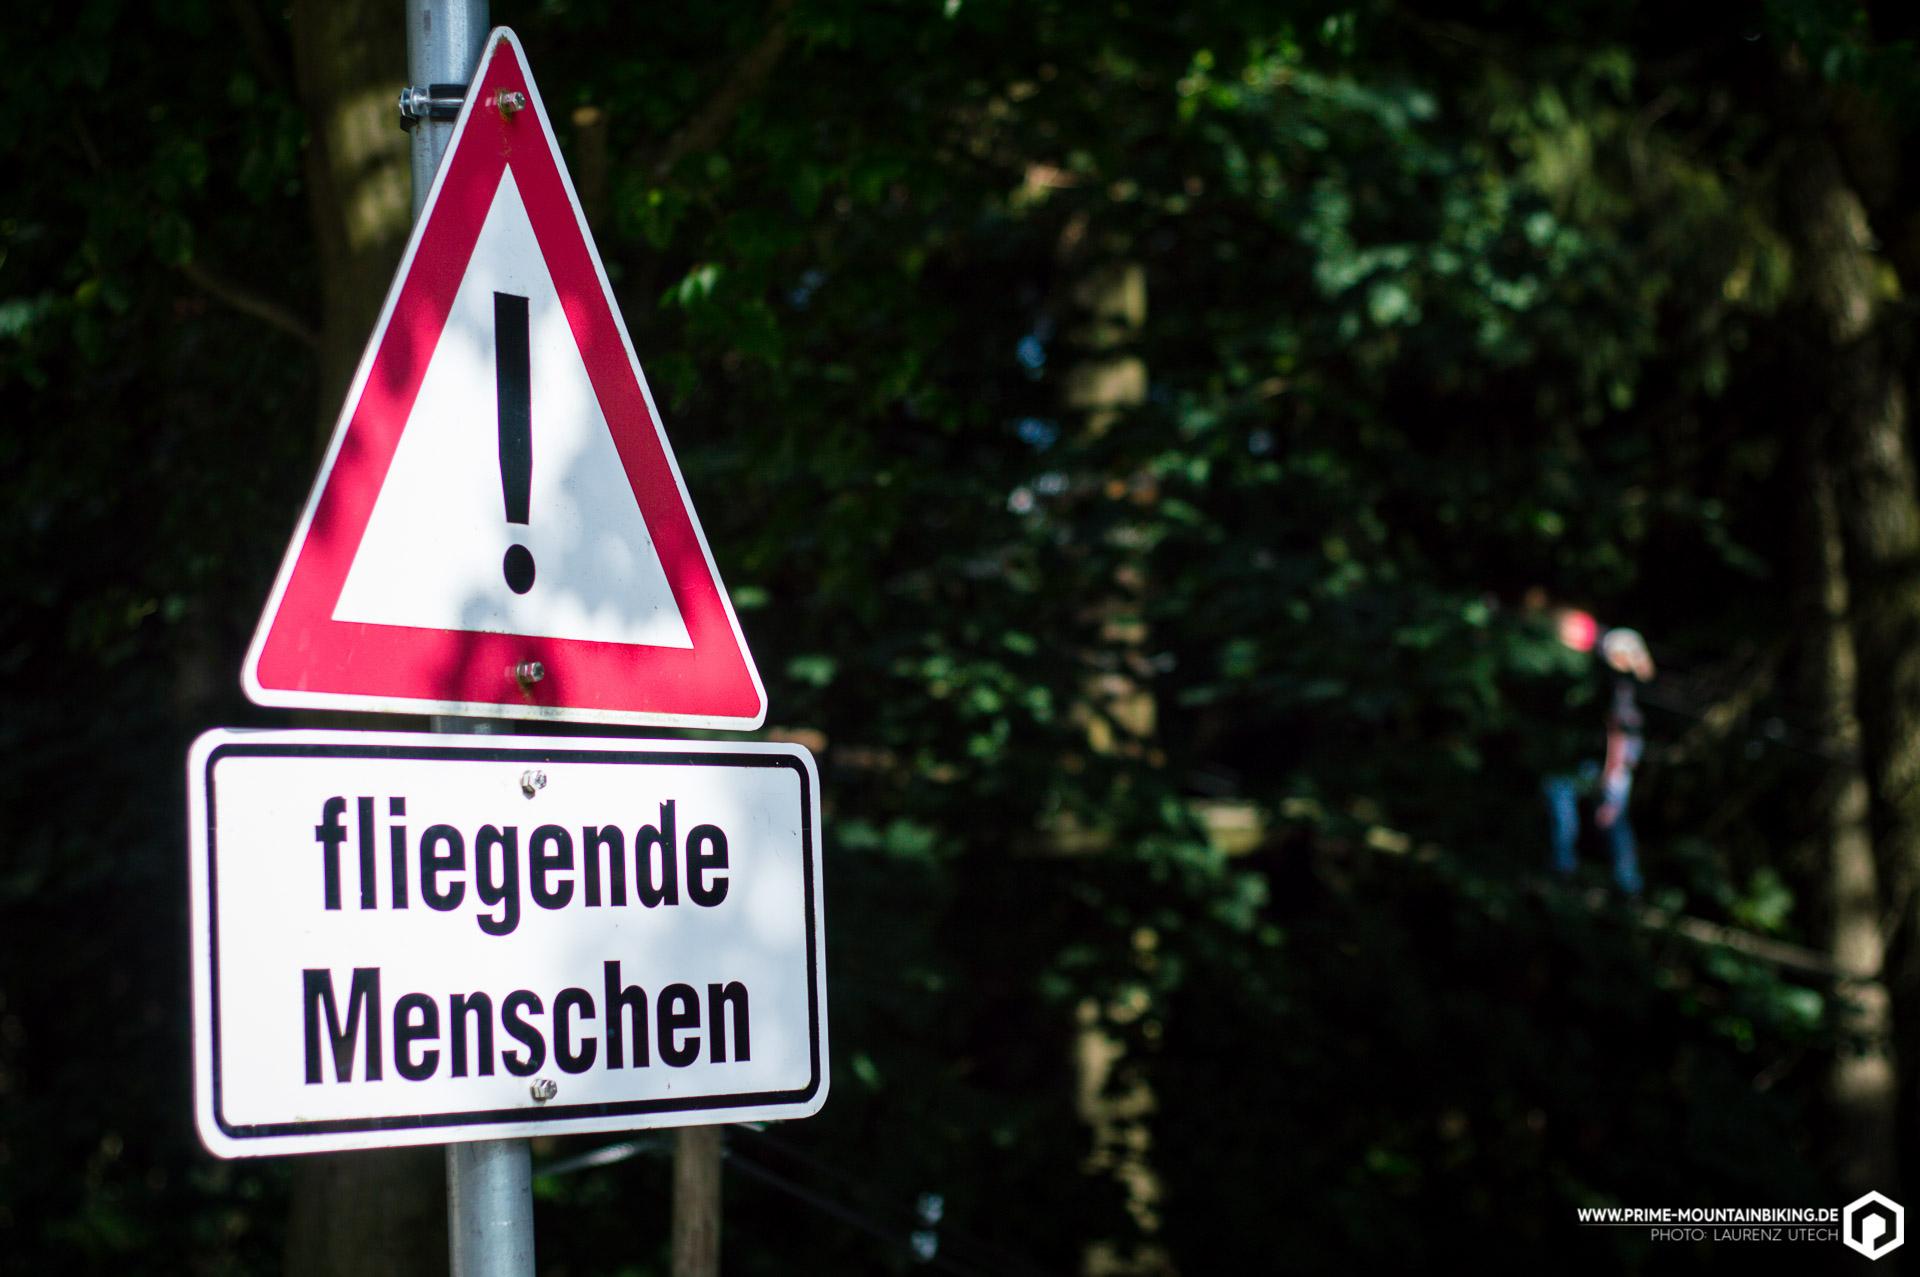 Ob dieses Schild sich wohl auf den Bikepark oder den dahinter liegenden Hochseilgarten bezieht? An diesem Wochenende hätte es durchaus für beides seine Berechtigung gehabt!